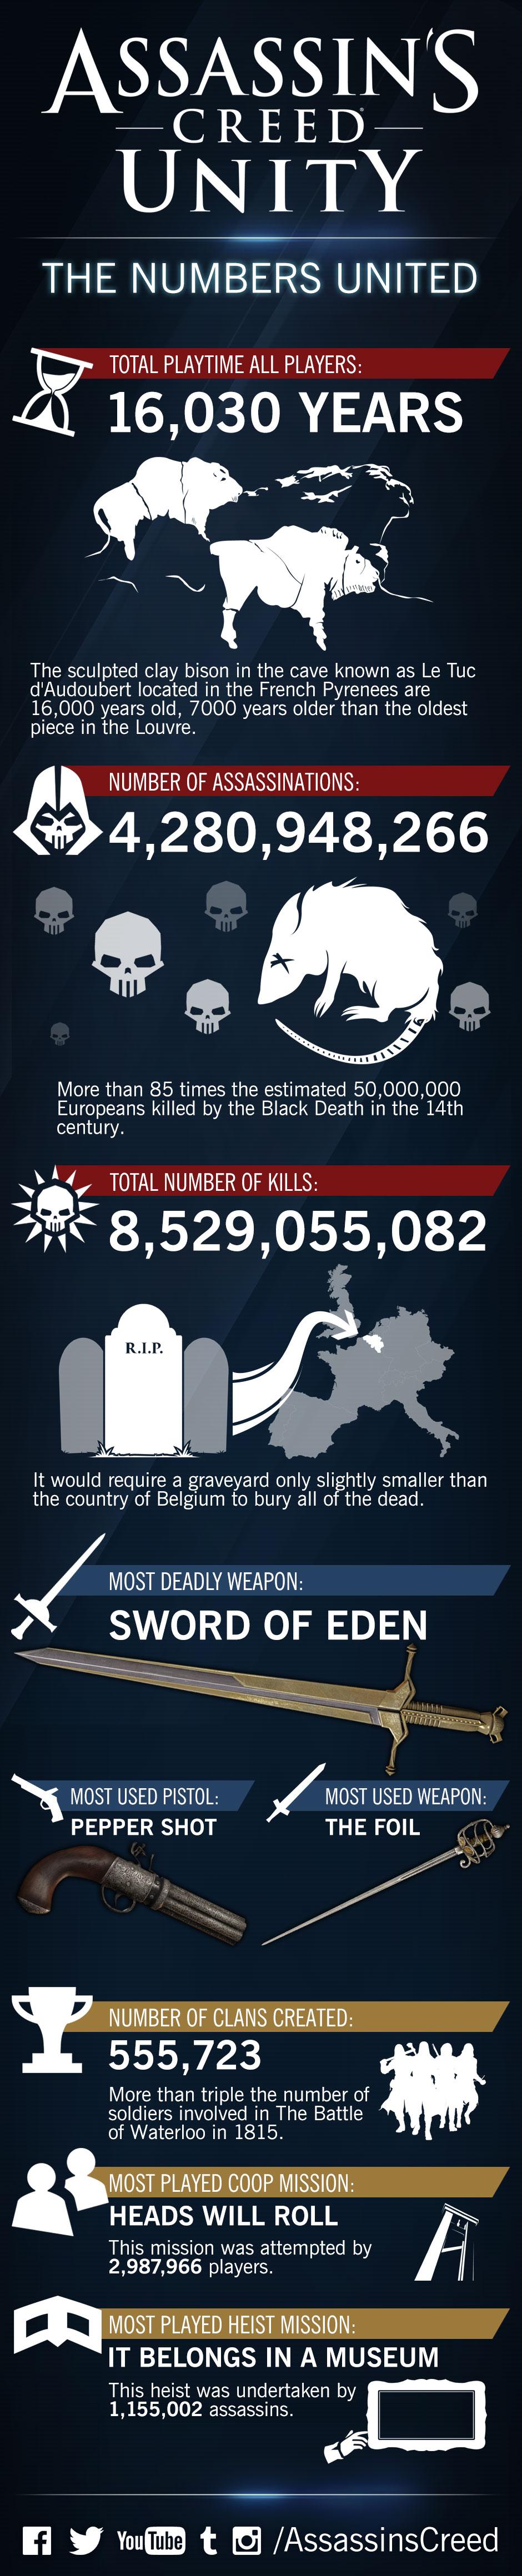 Infografika z Assassin's Creed: Unity ukazuje zajímavé statistiky 109293